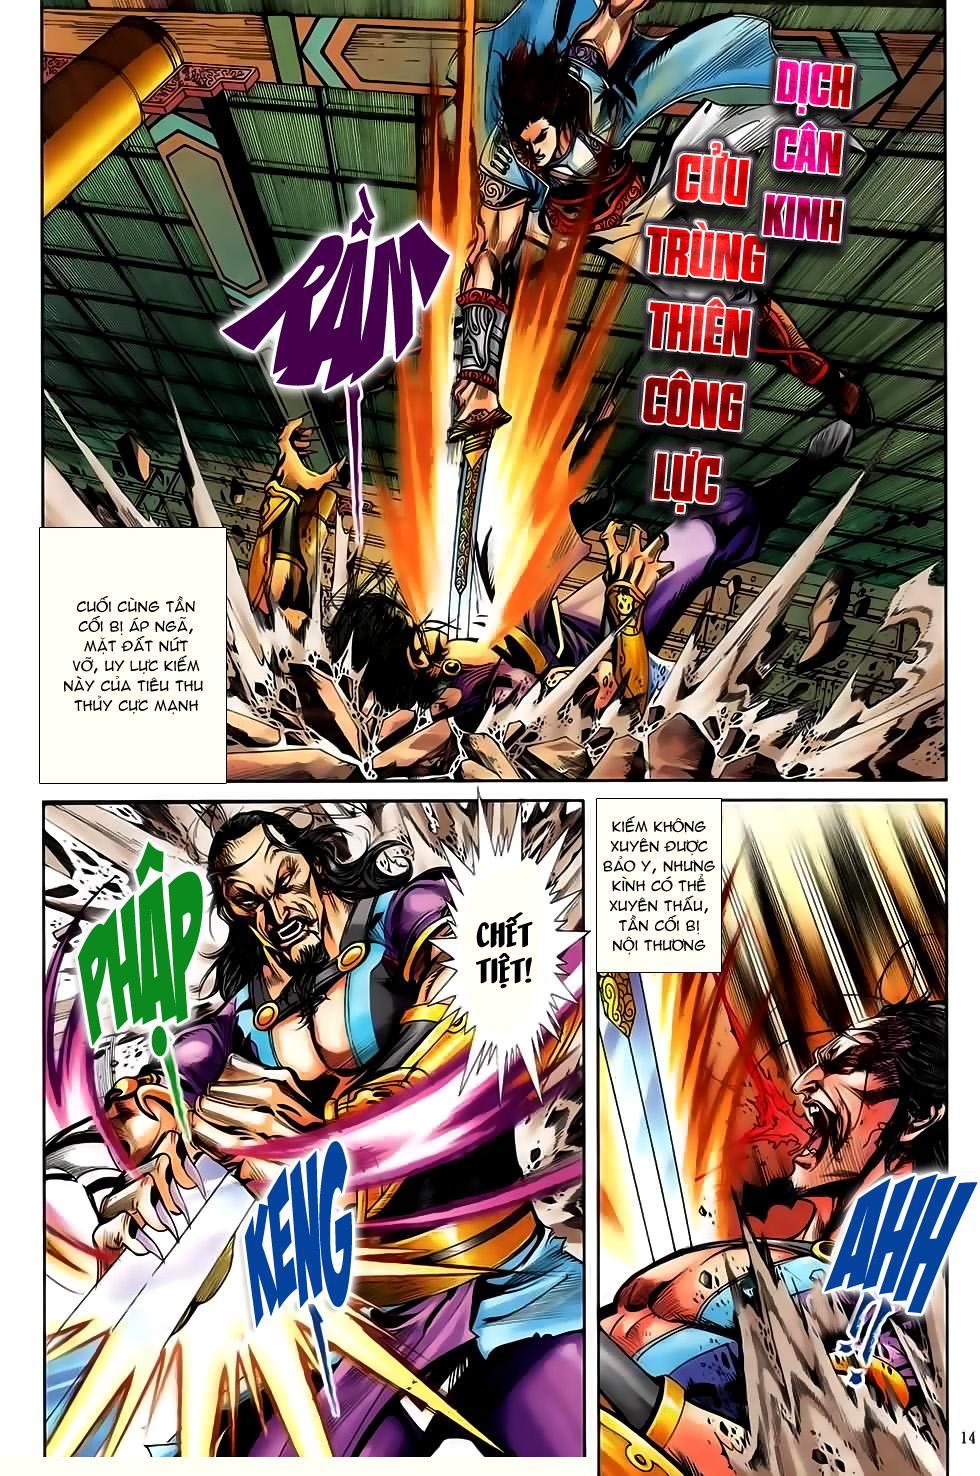 Đại Hiệp Truyền Kỳ (Thần Châu Hậu Truyện) chap 50 - Trang 13